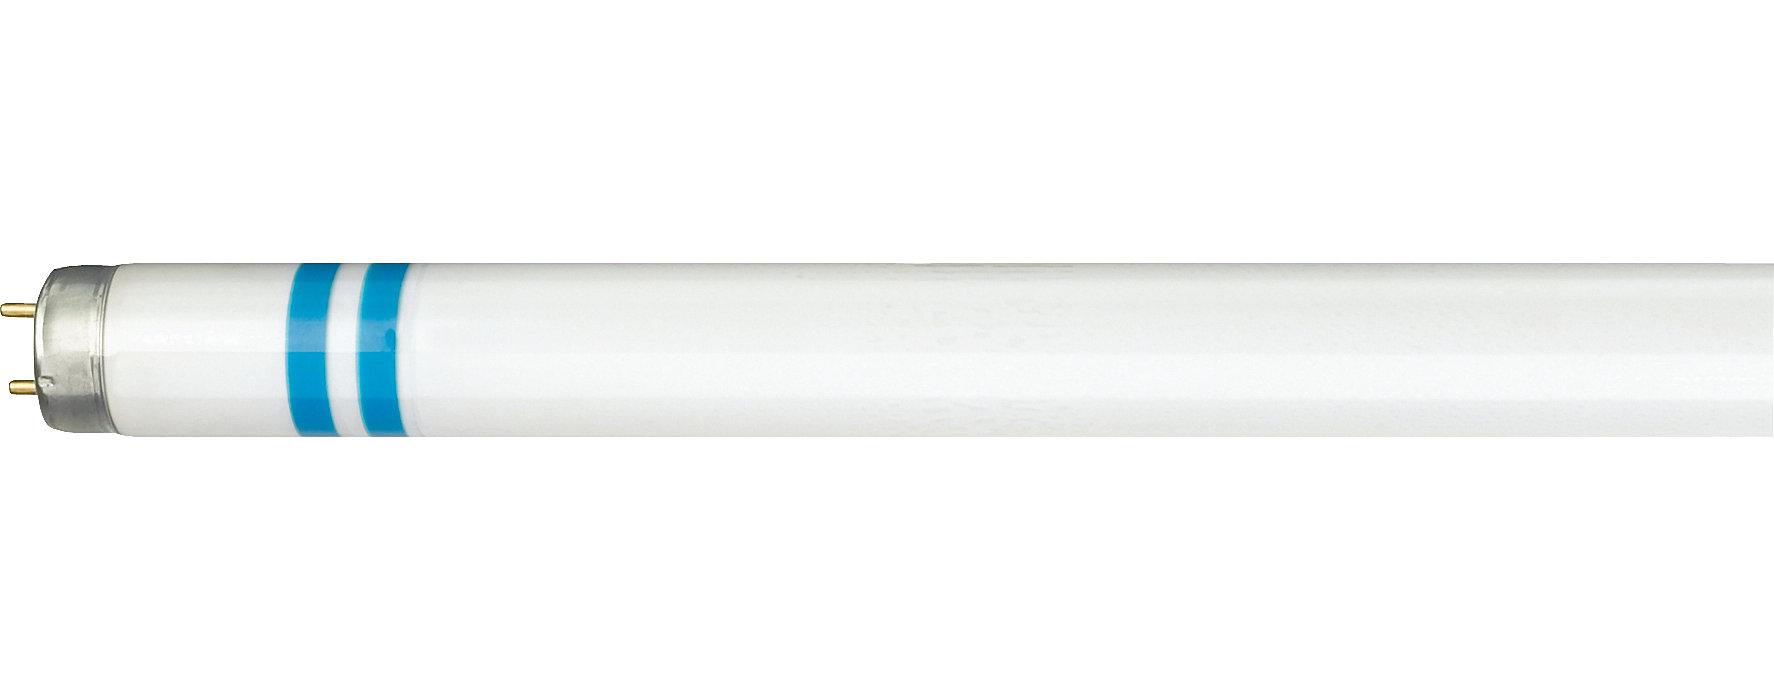 Люминесцентное освещение без осколков